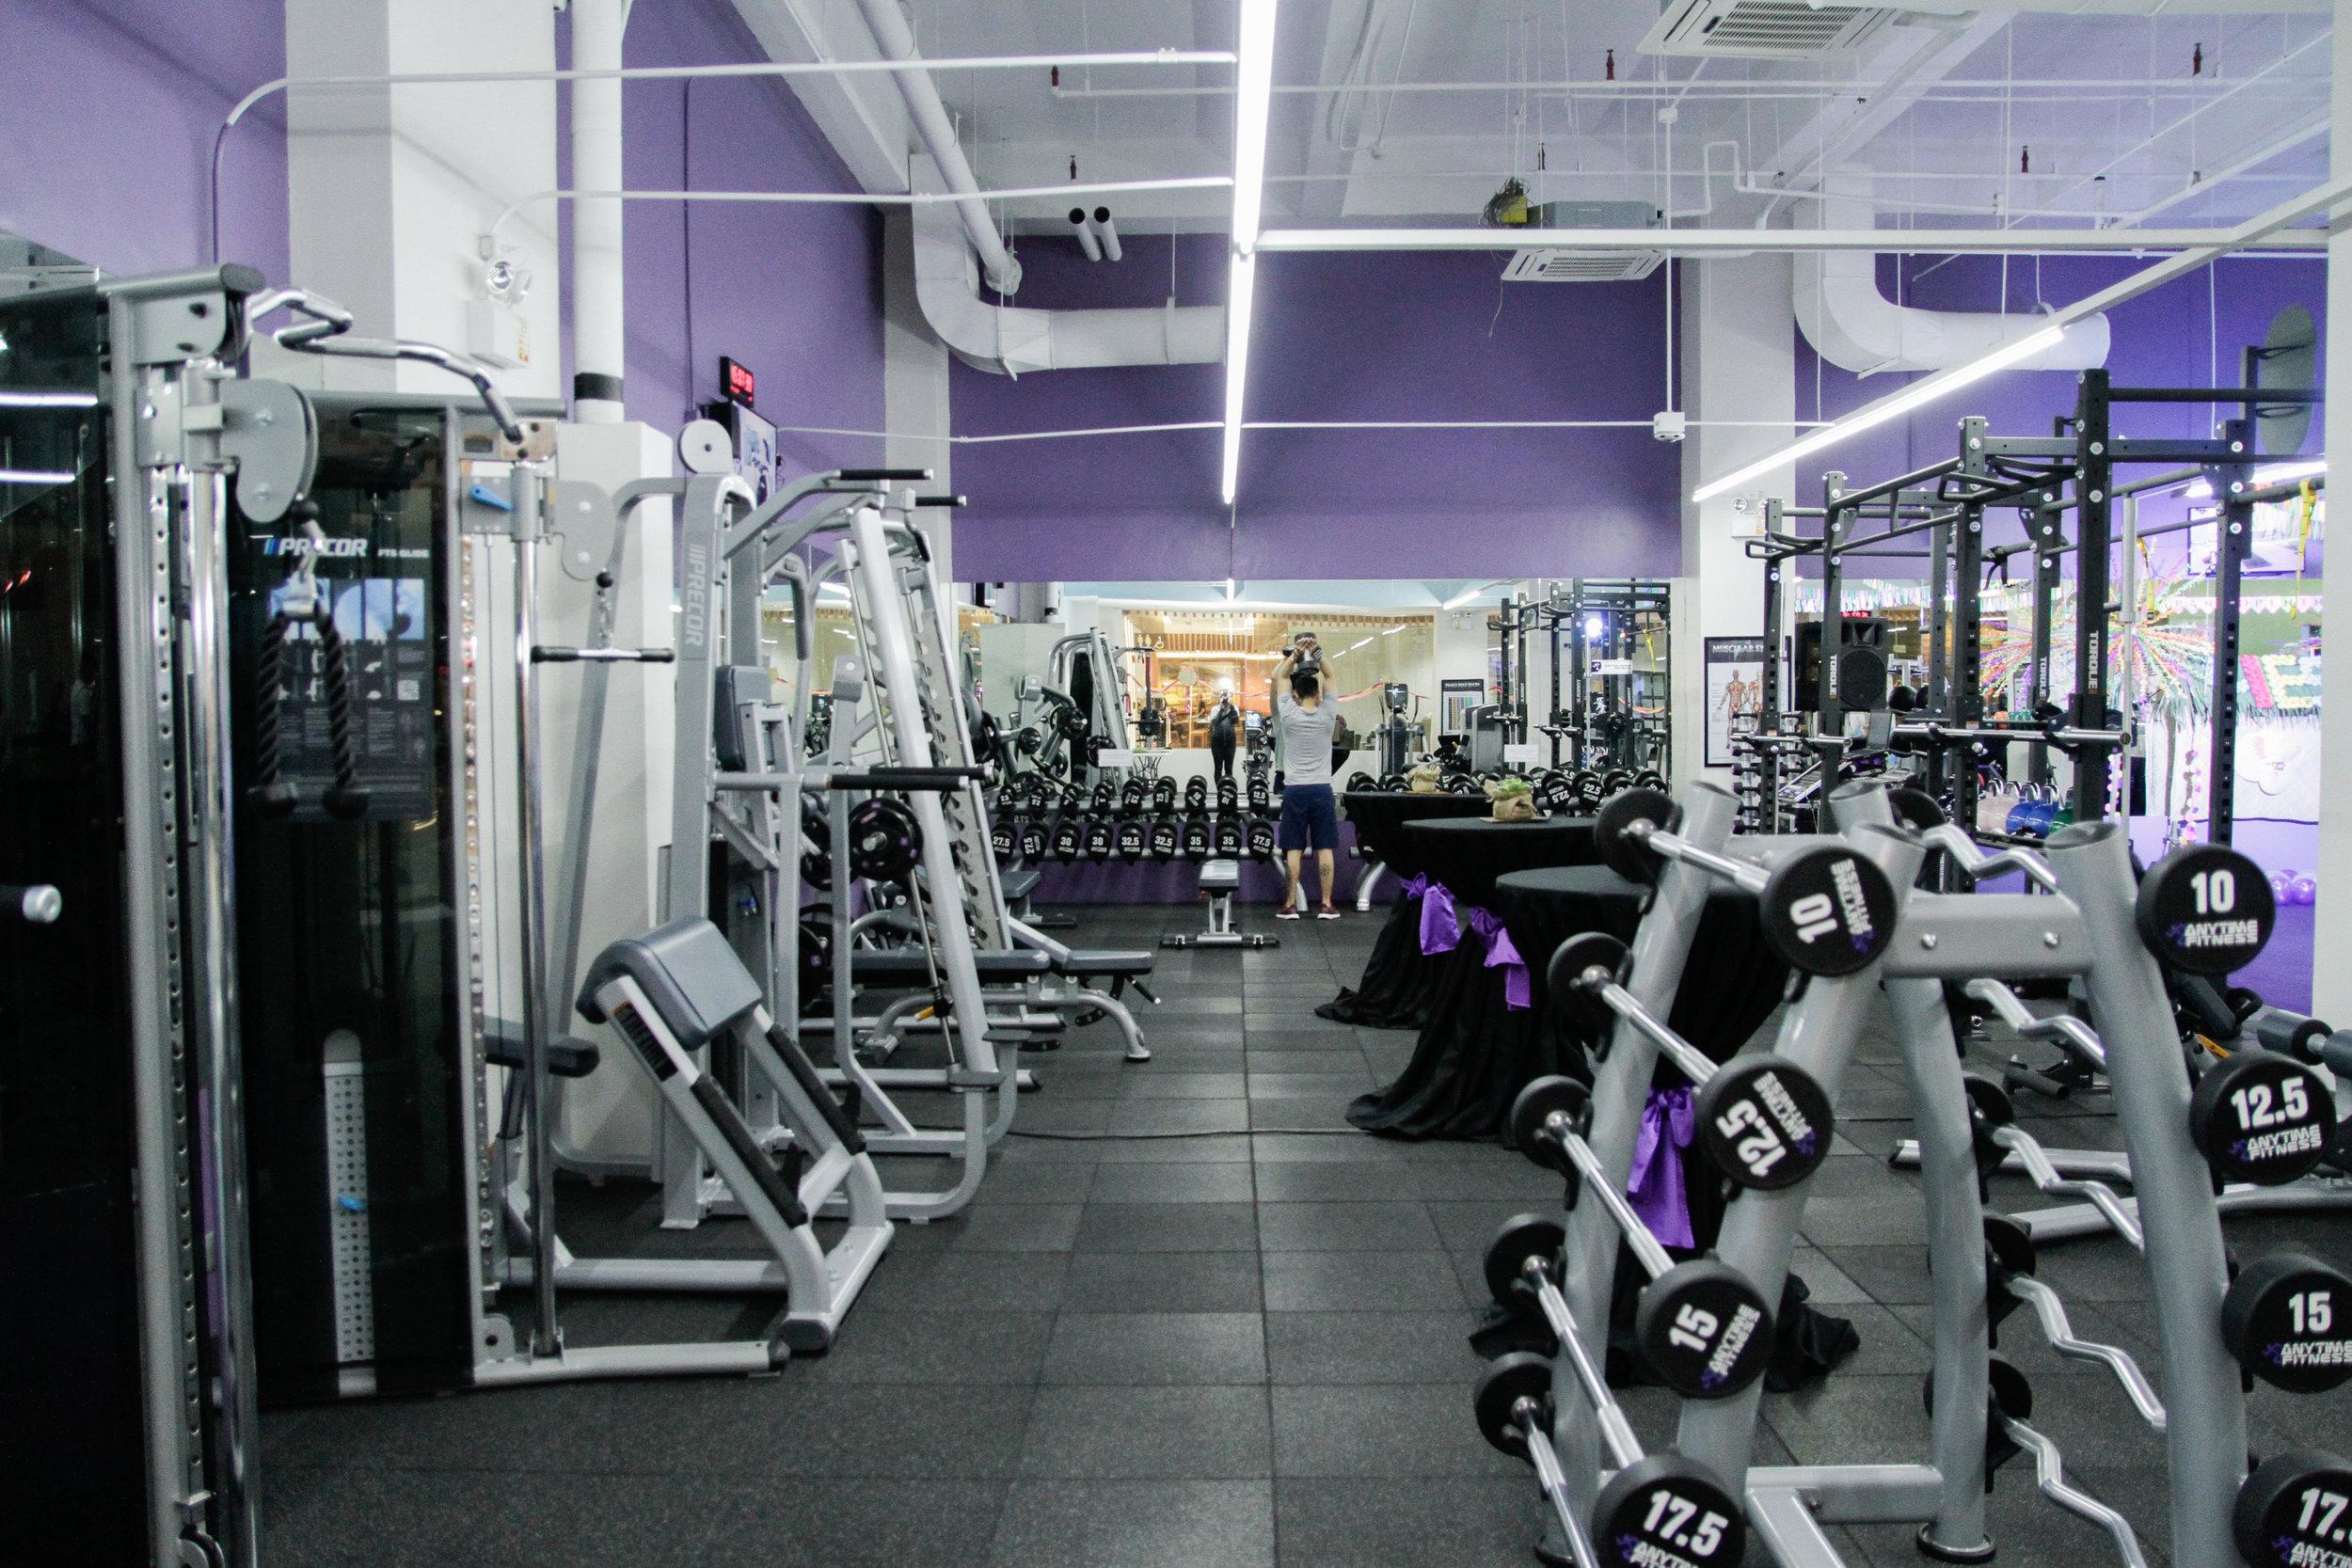 Typical Modern Gym